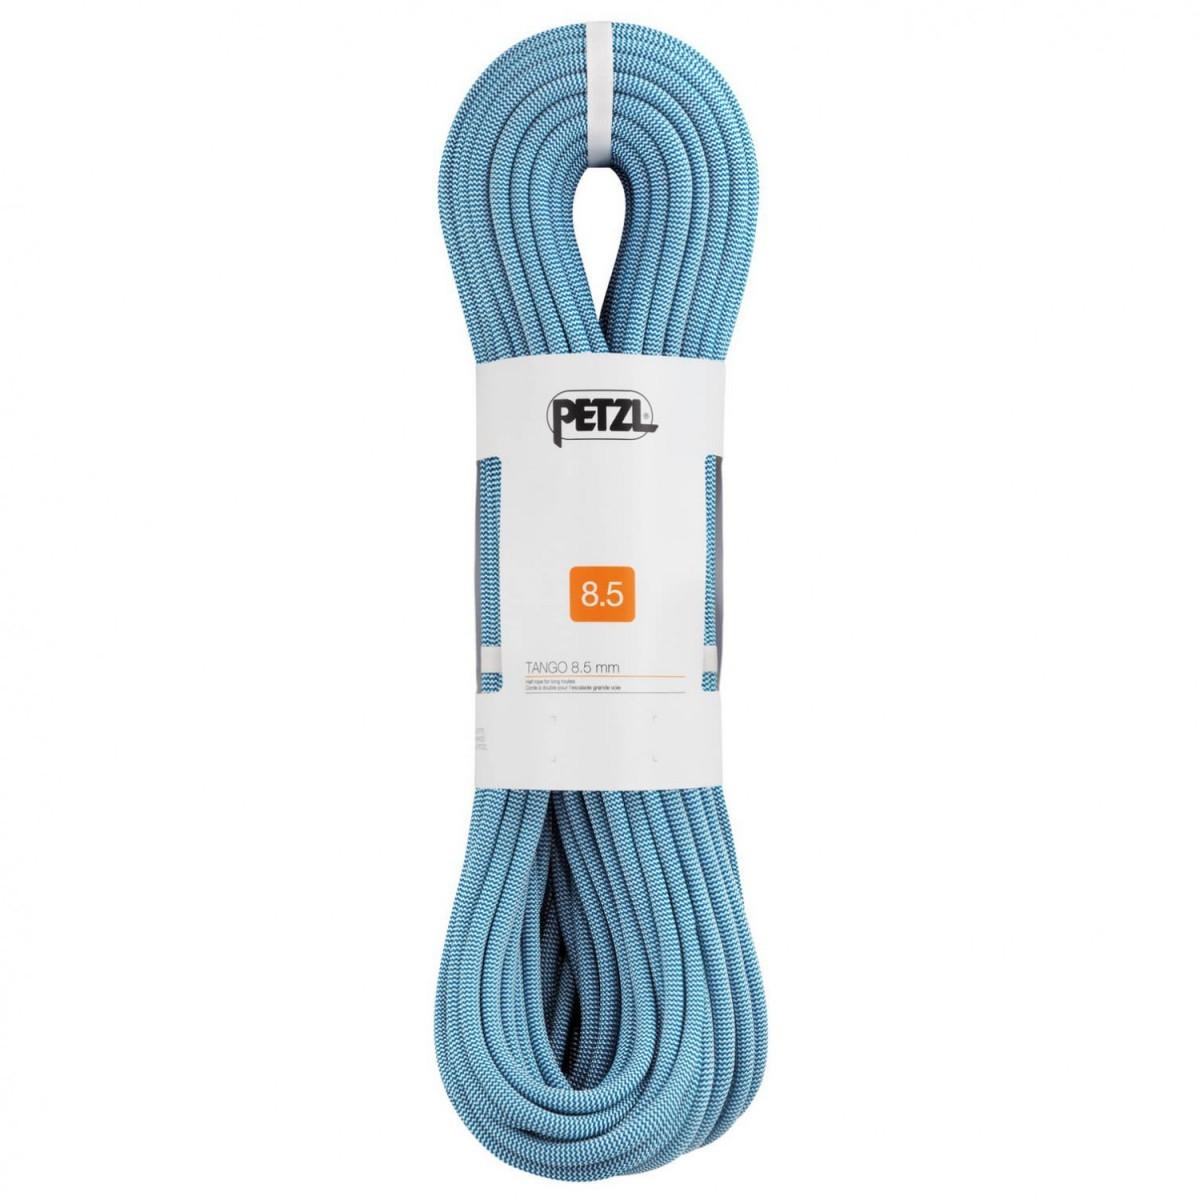 PETZL ペツル Tango 8.5 (60m - White / Blue)★ロープ・ザイル・登山・クライミング★